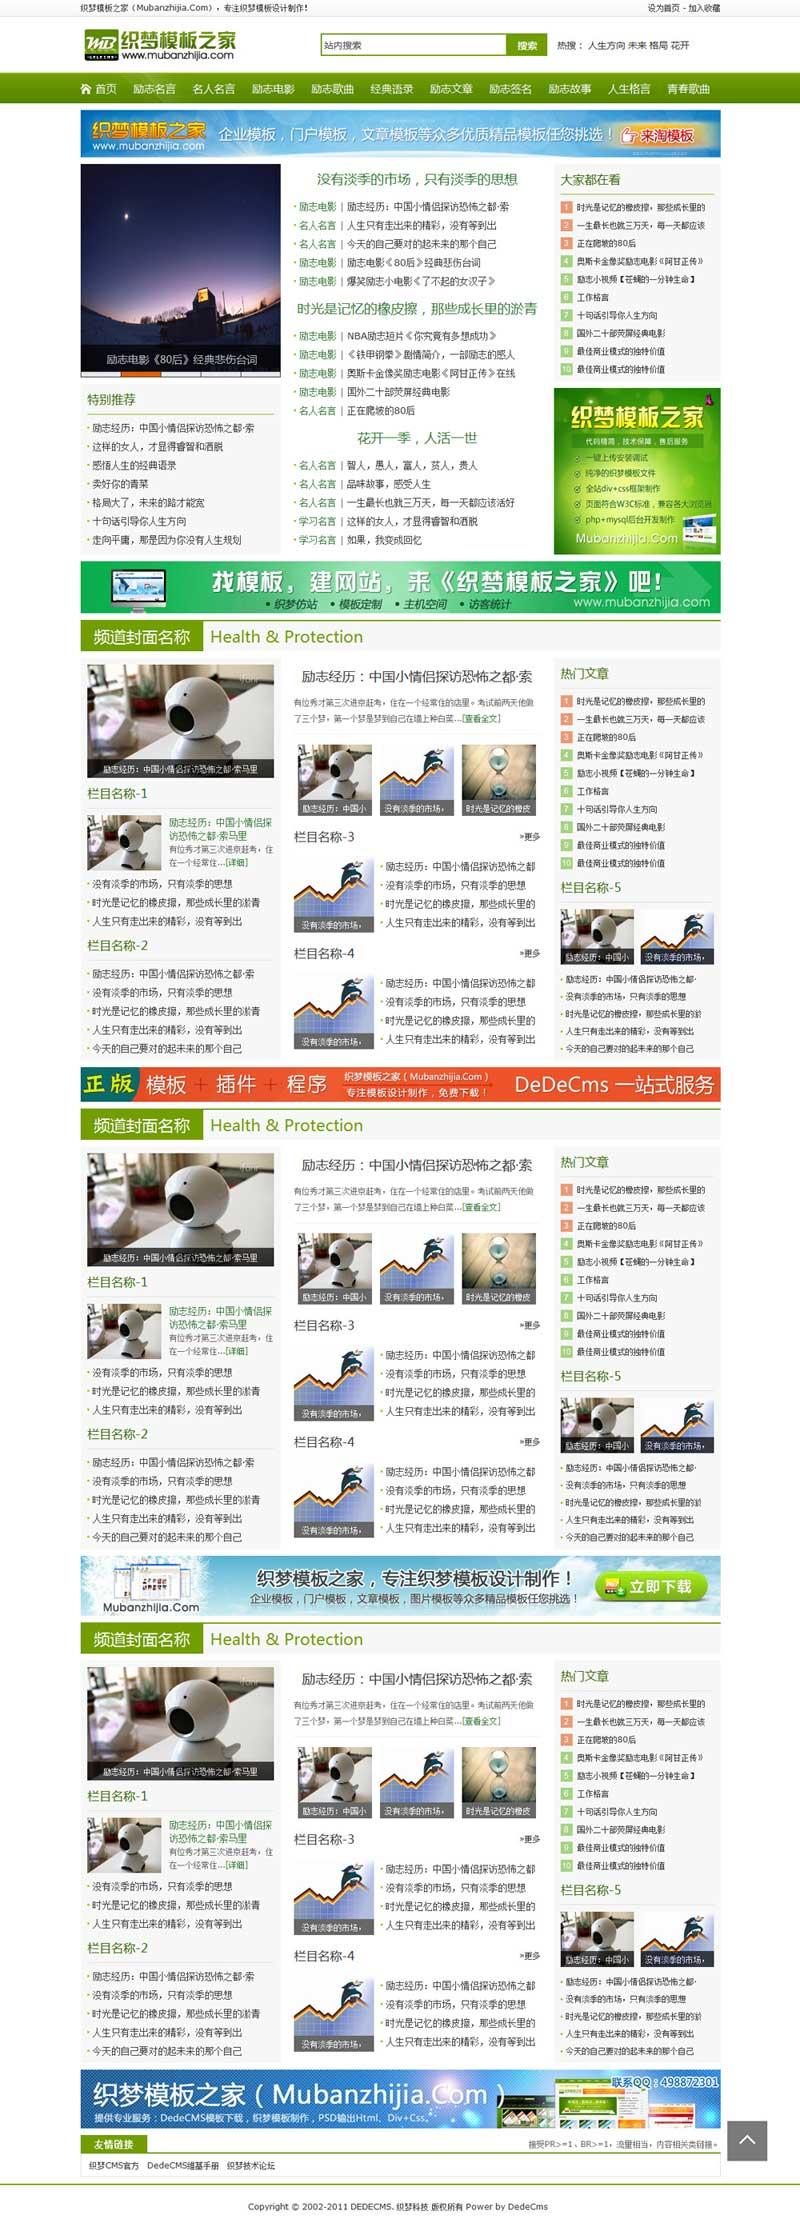 清新绿色CMS文章资讯类织梦dedecms模板